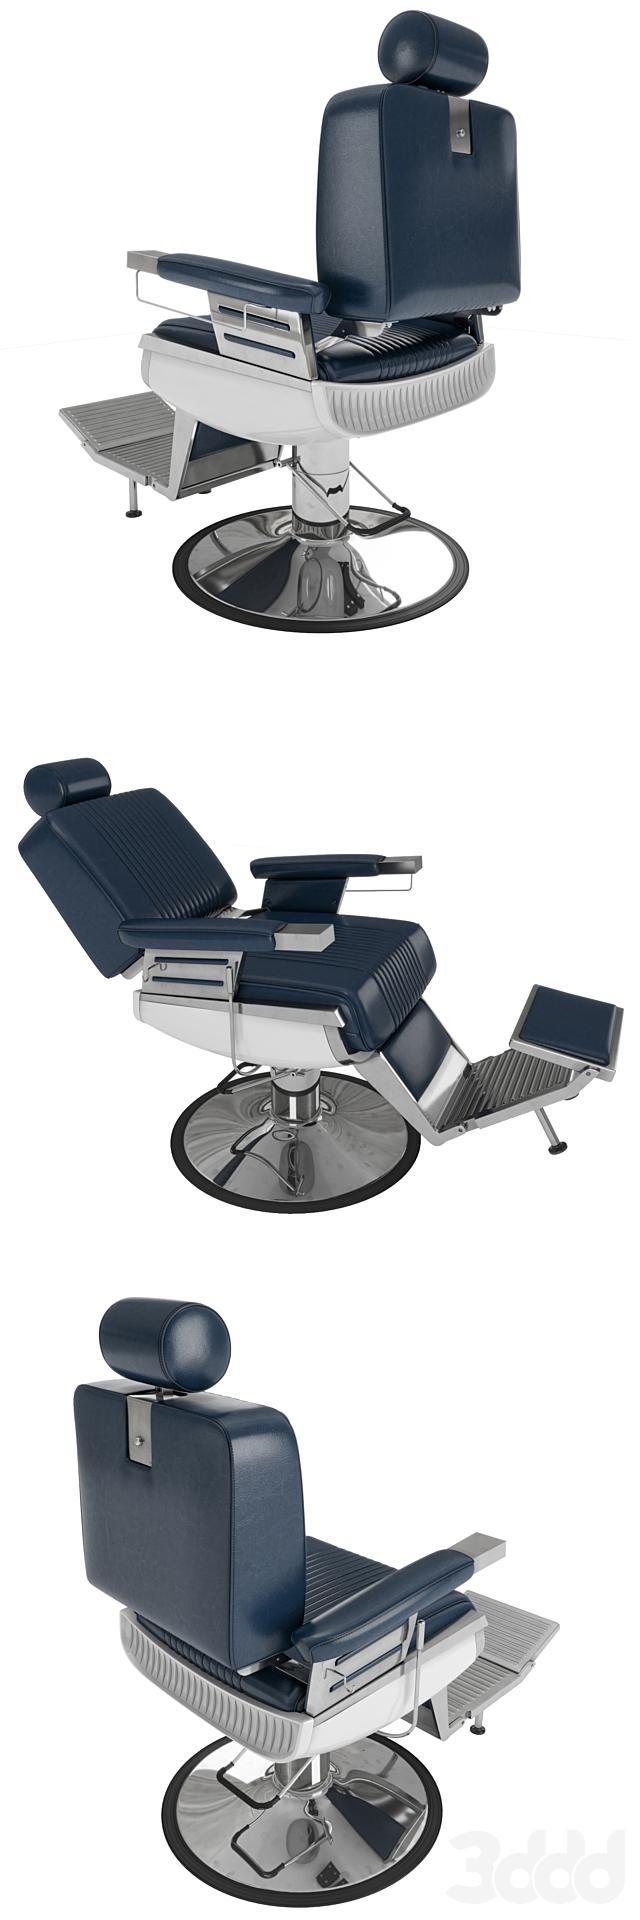 LEXUS Reclining Barber amchair